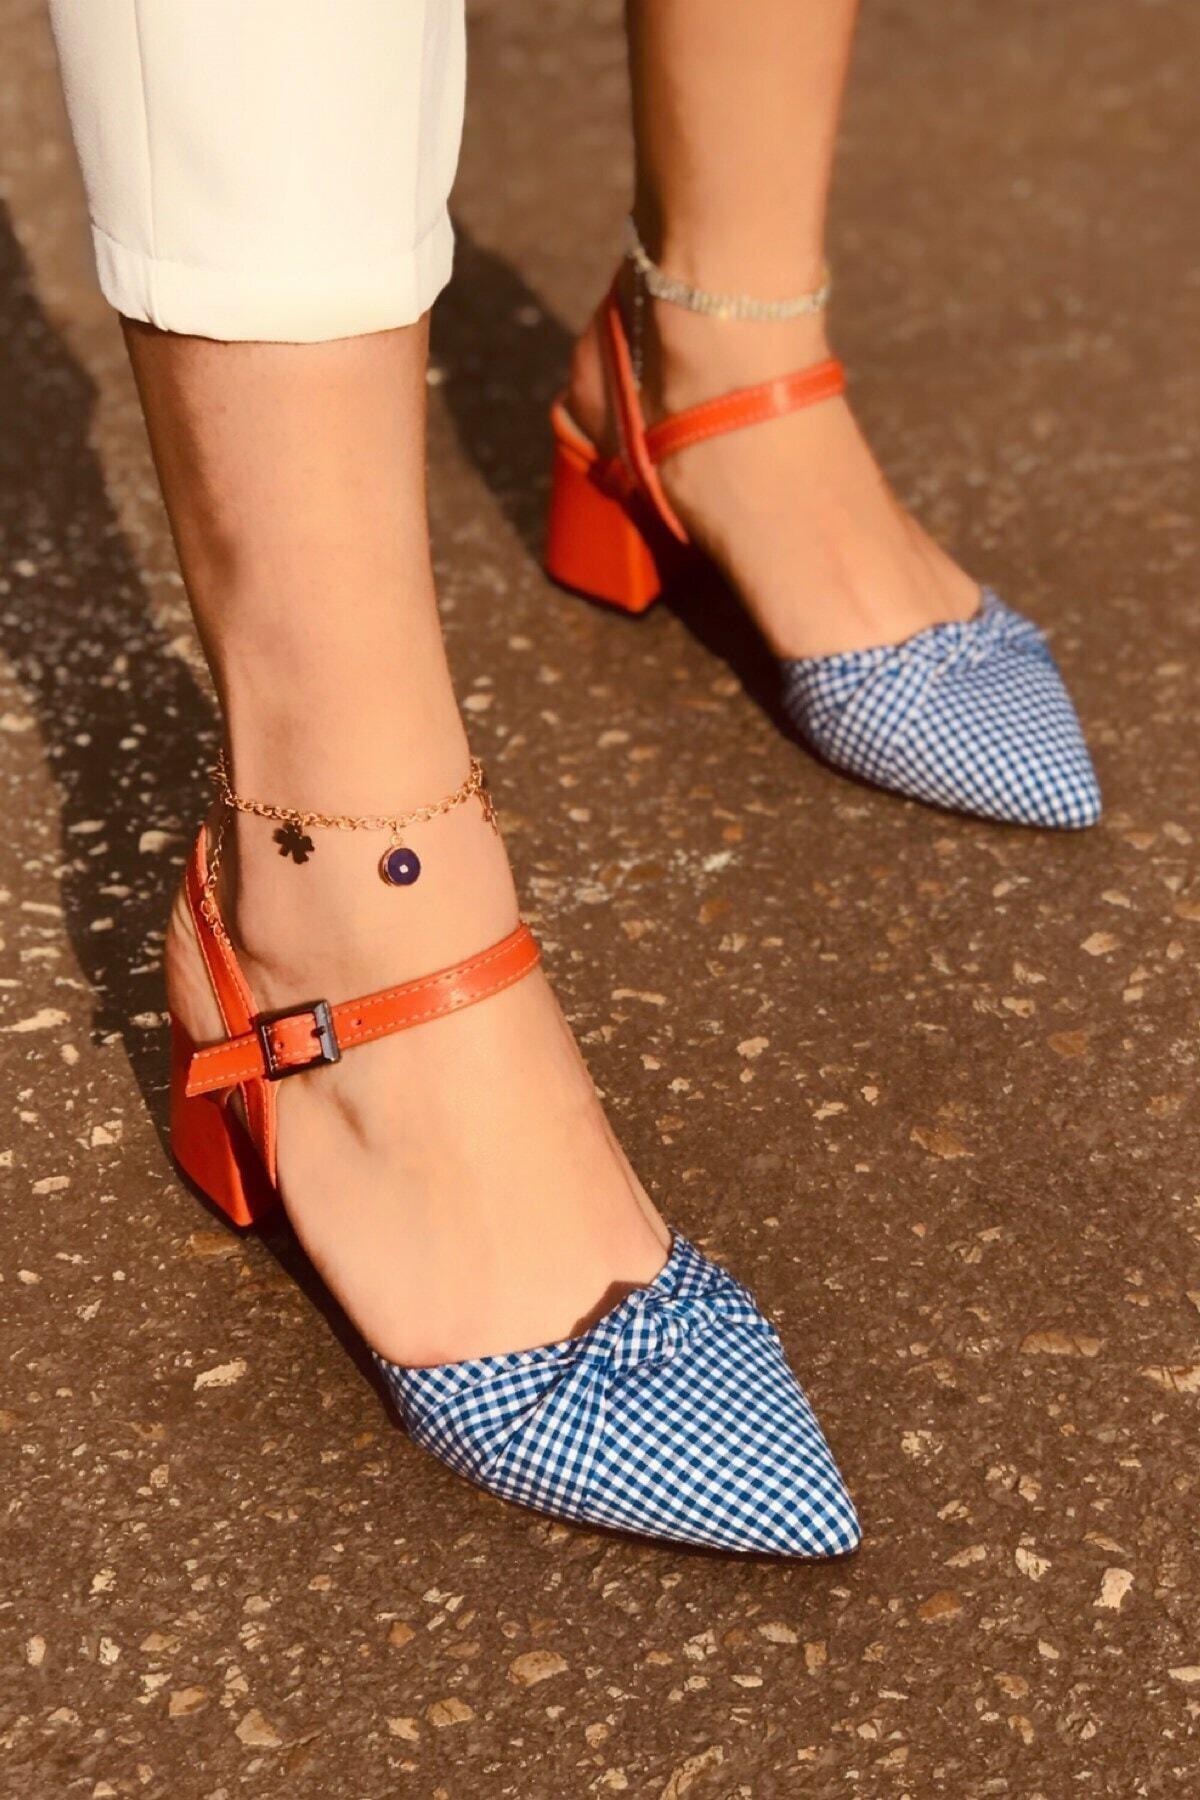 haykmar Kadın Mila Turuncu Mat Mavi Ekose Topuklu Ayakkabı 2